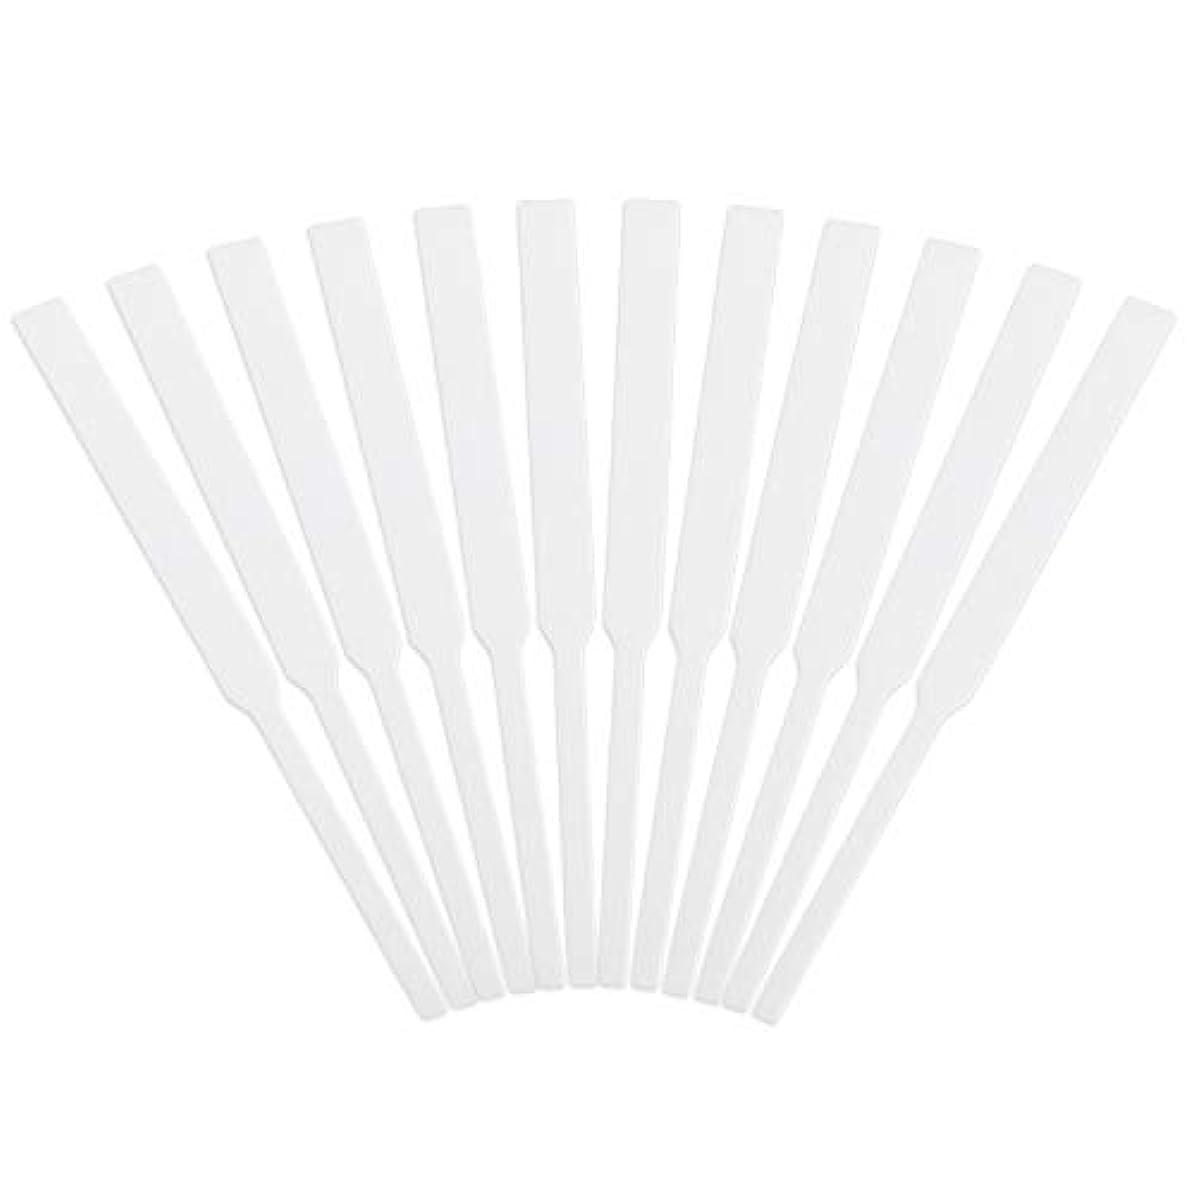 繊維転用森テストストリップ Migavan 試験紙 香水の芳香の芳香療法の精油をテストするための300PCS 130x12mmテストペーパーストリップ